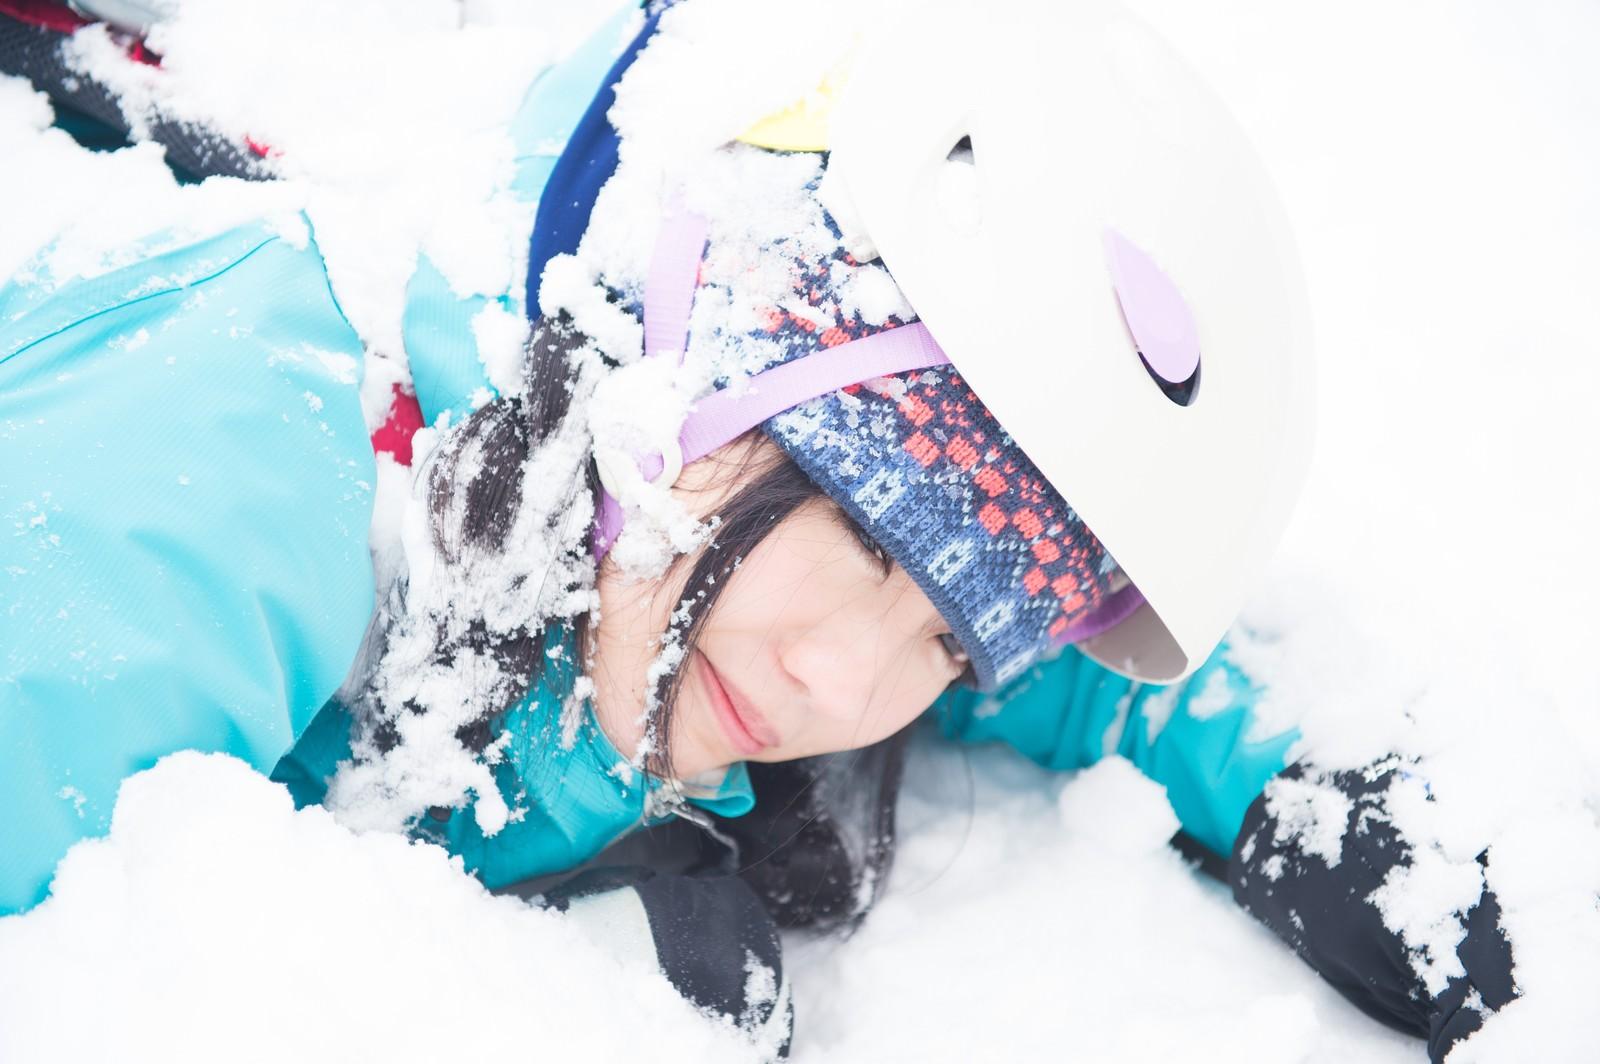 「雪山トレッキング中に転倒。ヘルメットしていてよかった雪山トレッキング中に転倒。ヘルメットしていてよかった」[モデル:河村友歌]のフリー写真素材を拡大